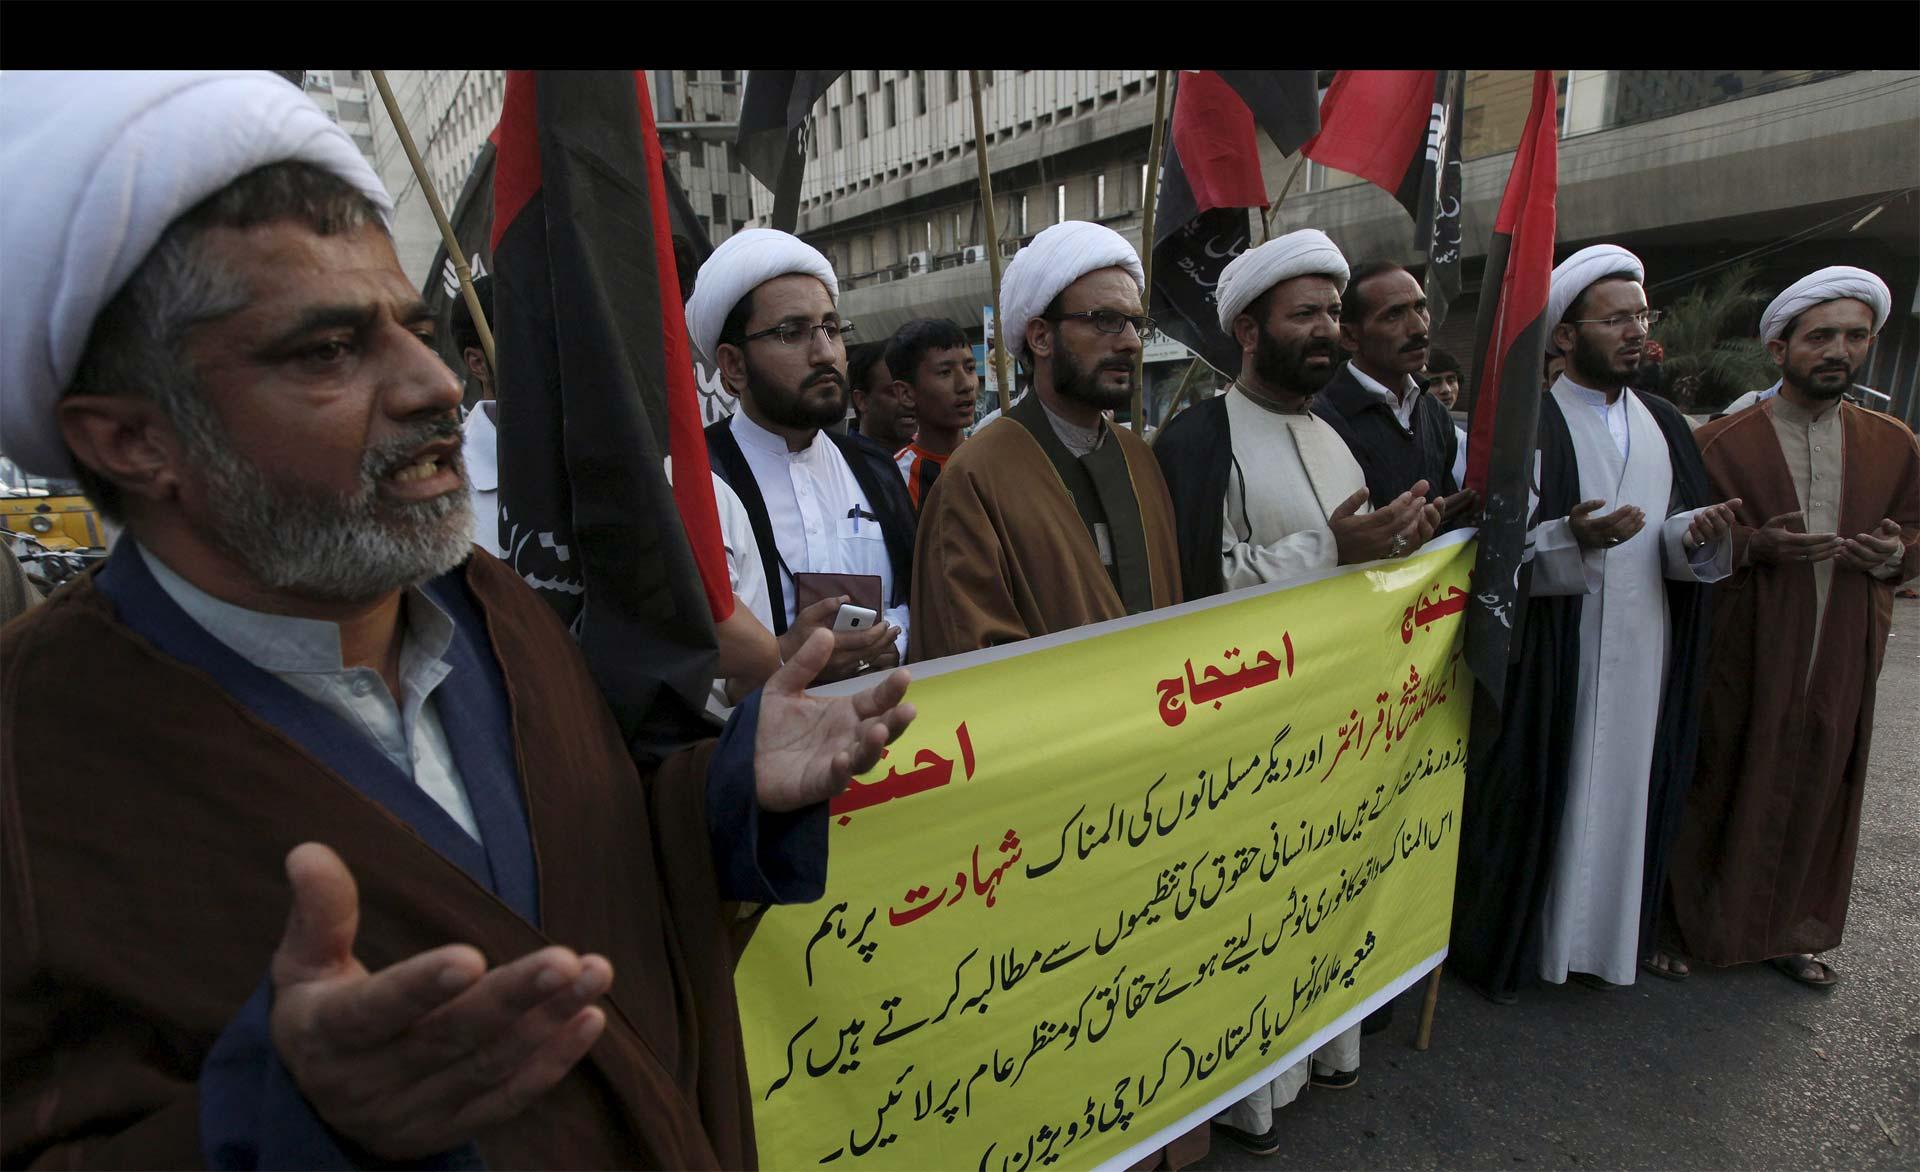 Habían sido condenadas por cargos de terrorismo e incitación a la violencia. El clérigo chiita Nimr al Nimr se encontraba entre ellos